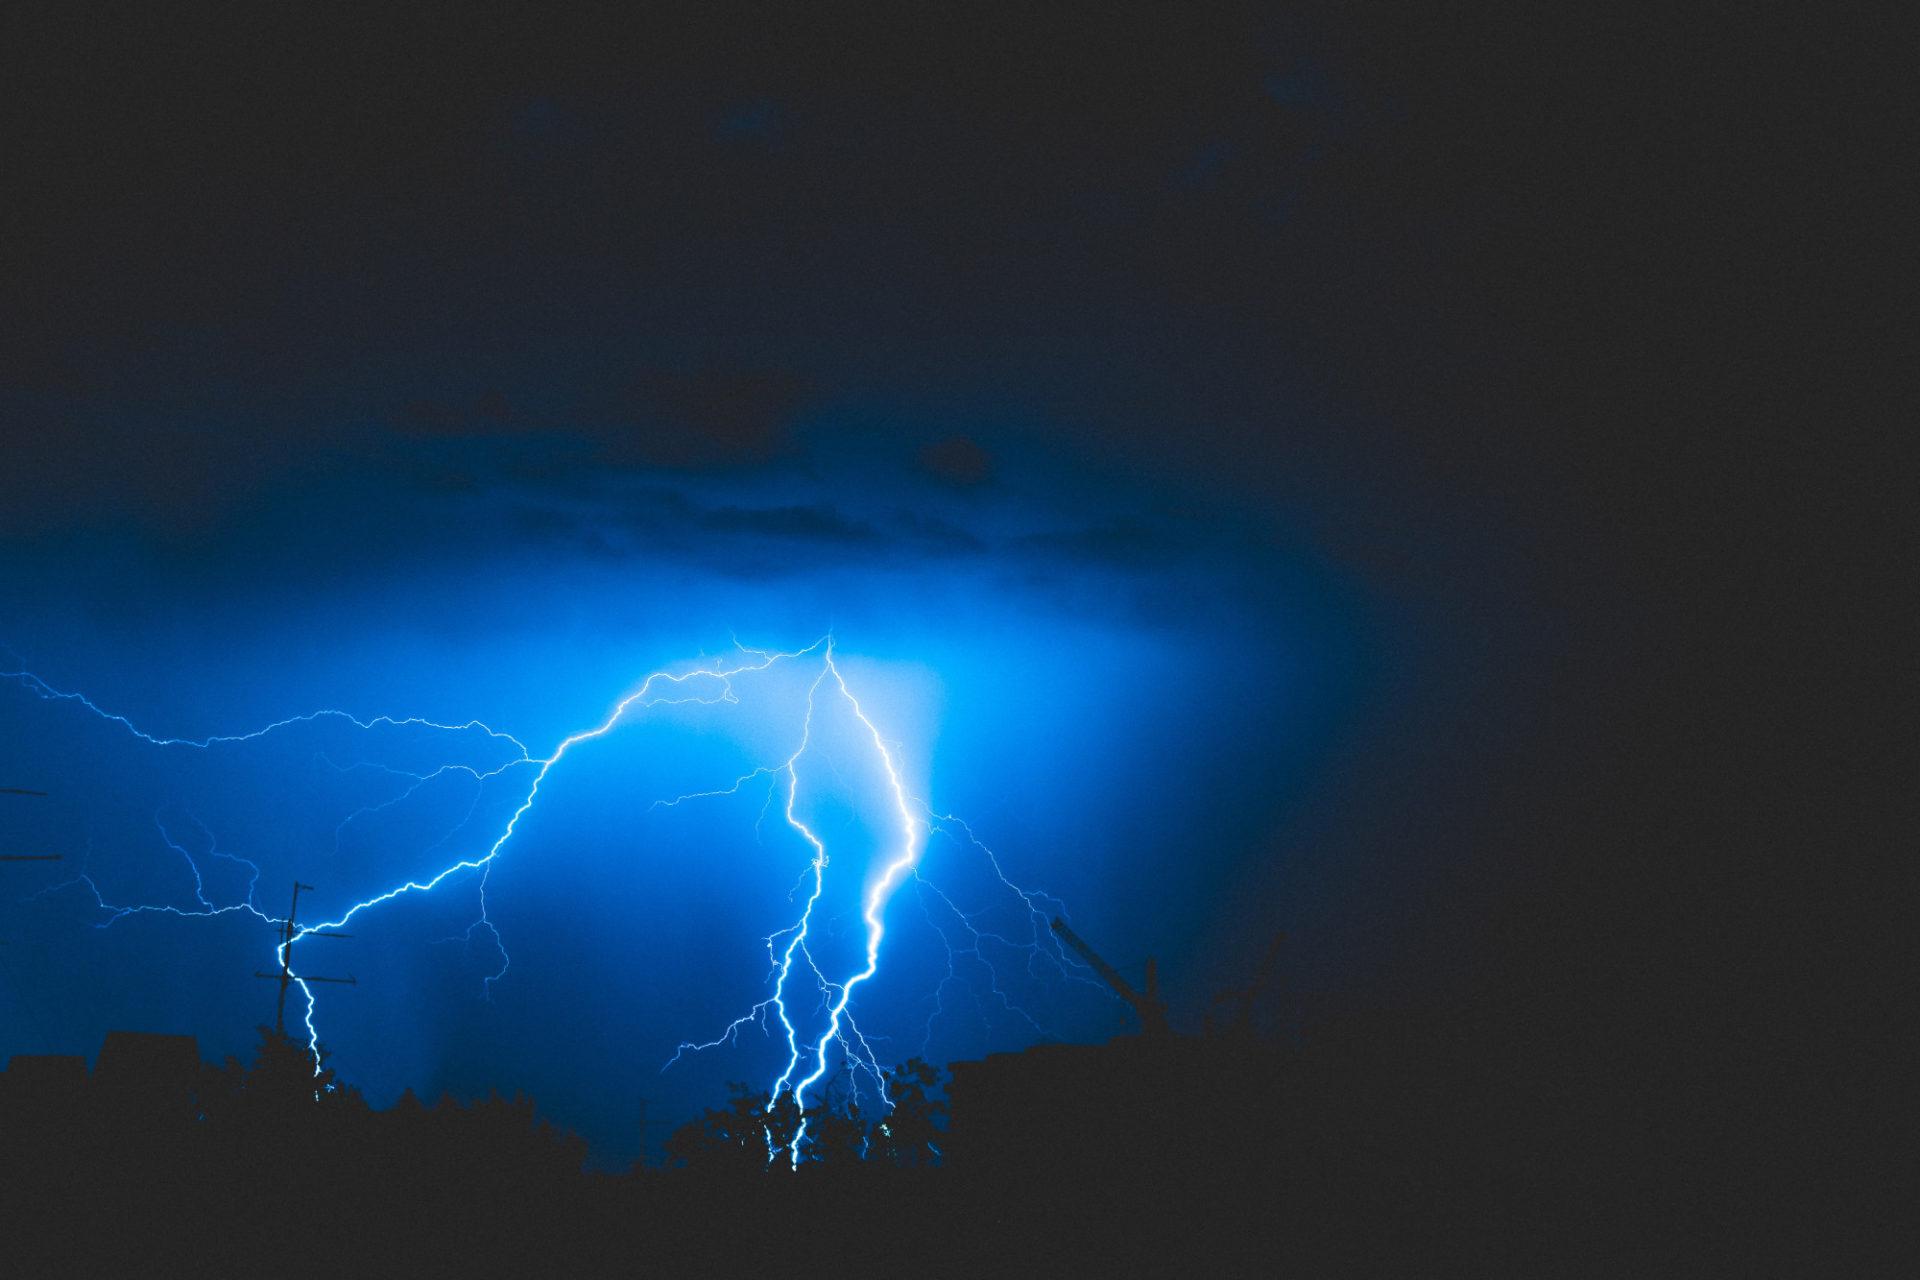 Lightning Network twitter